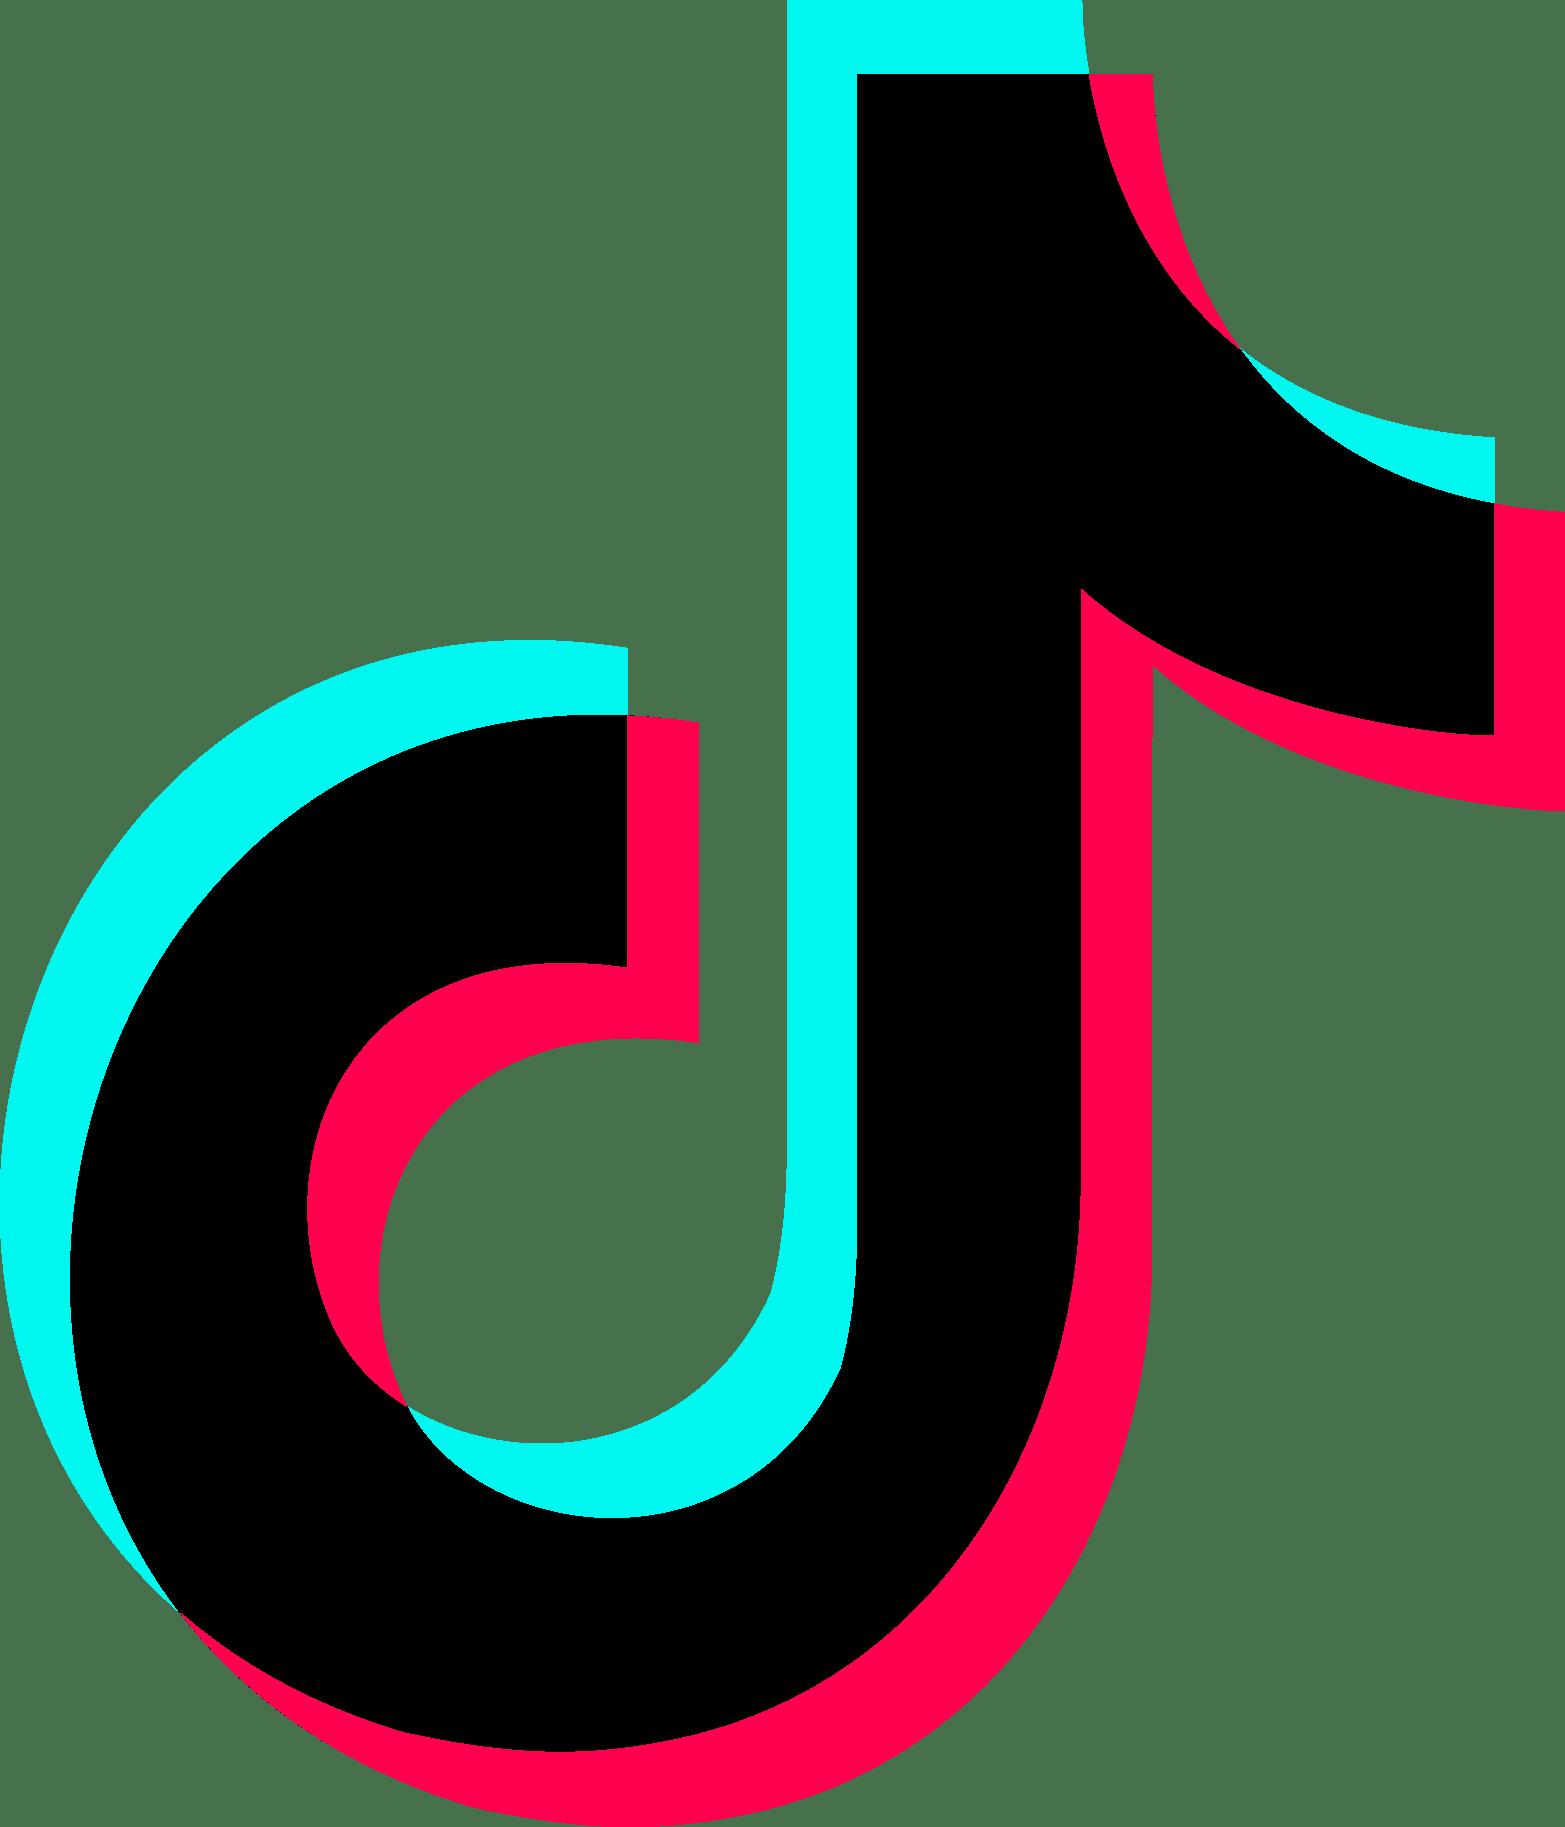 Tik Tok Logo (Musical.ly) Download Vector - Tik Tok Logo Background